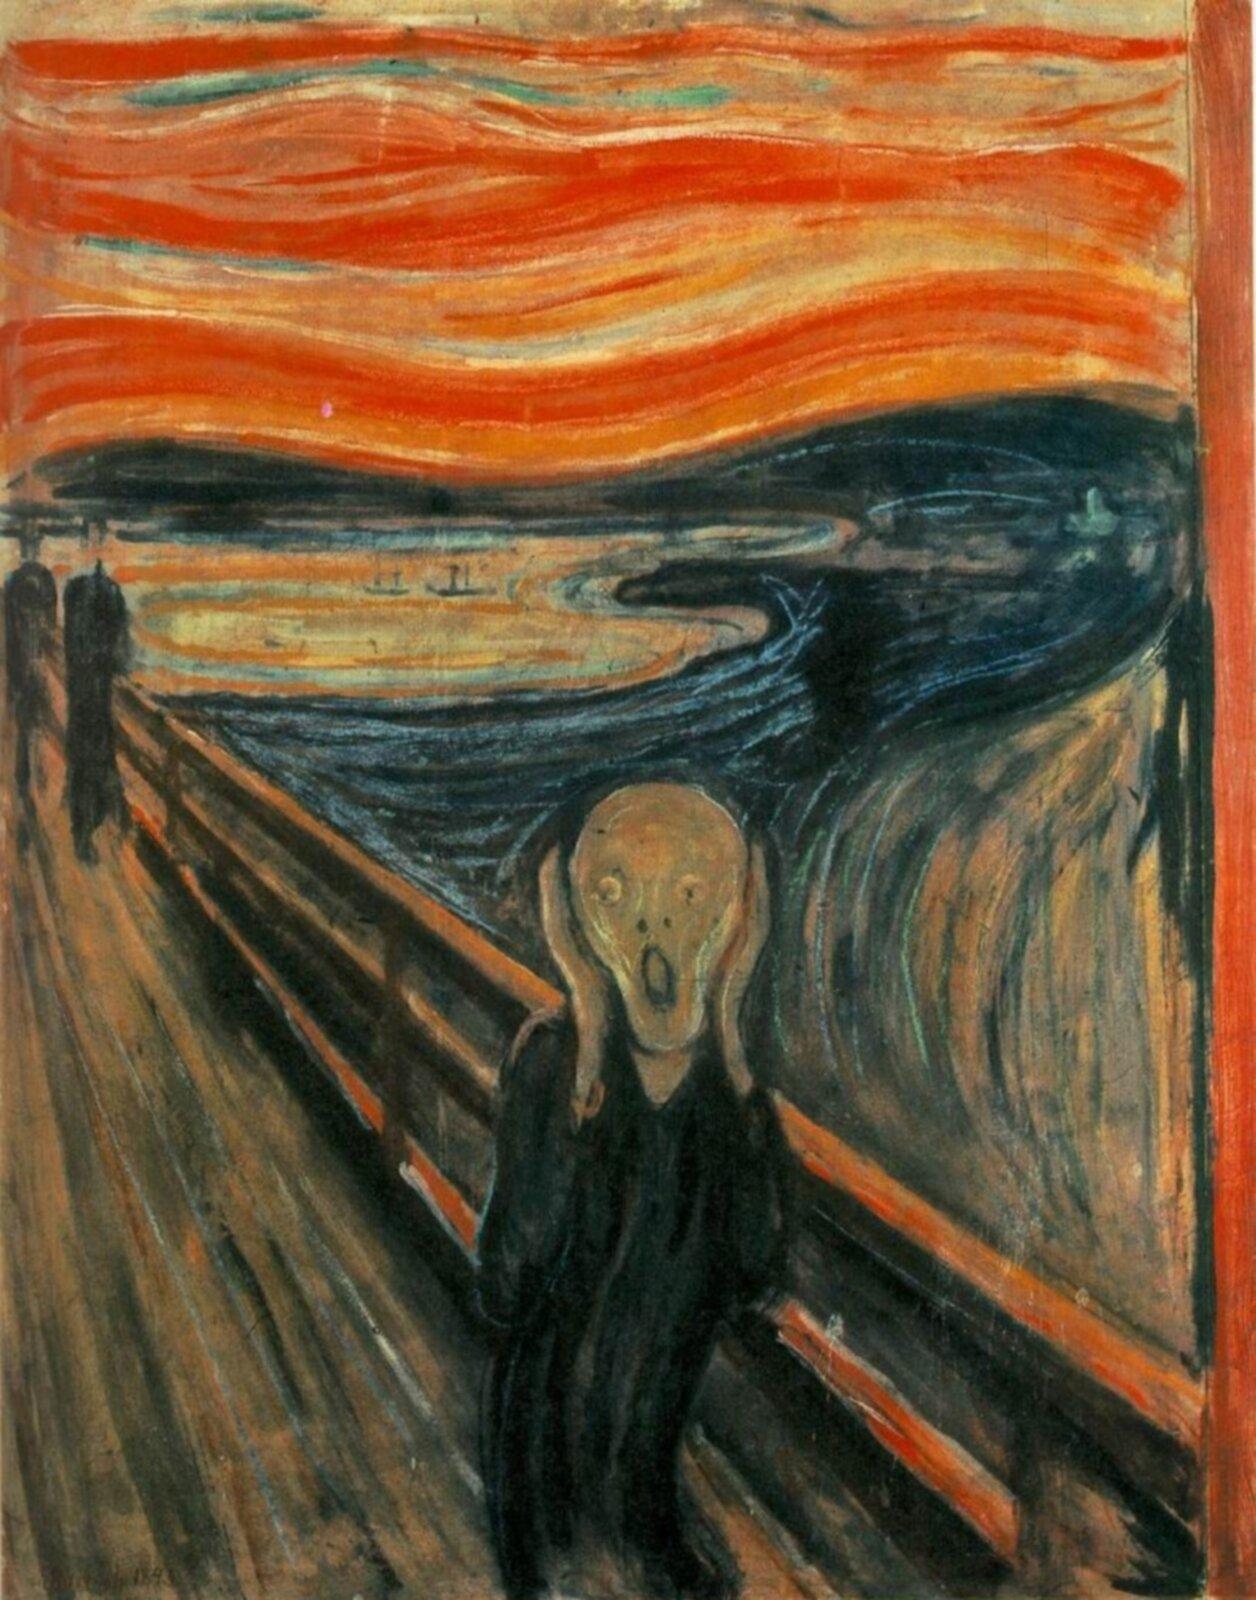 """Ilustracja przedstawia obraz olejny """"Krzyk"""" autorstwa Edvarda Muncha. Na pierwszym planie ekspresjonistycznej kompozycji ukazana jest postać człowieka owydłużonej, czarnej sylwetce stojąca na moście. Mężczyzna trzyma się oburącz za głowę. Twarz wyraża przerażenie; usta ioczy są szeroko rozwarte. Wtle, po lewej stronie płótna znajdują się dwie czarne sylwetki idących po moście postaci. Na drugim planie ukazany jest fiord zmalutkimi statkami idużym, ciemno-niebieskim, mrocznym kształtem pofalowanego wybrzeża. Nad sceną góruje łuna ogniście czerwonego nieba. Artysta nie skupia się na wiernym odzwierciedleniu natury. Nie dba odetal. Obraz ma charakter notatki, gdzie twórca przy pomocy kilku kolorów iszybkich, długich pociągnięć pędzla chce ukazać dramatyzm przedstawionej sceny. Dzieło utrzymane jest wwąskiej, mrocznej tonacji granatów, czerwieni ibrązów. Szaro-brązowa twarz postaci na pierwszym planie wtapia się kolorystycznie wzbrudzone tło fiordu imostu. Kolorystyczną dominantę stanowią ogniście czerwone pasy niepokojącego nieba."""